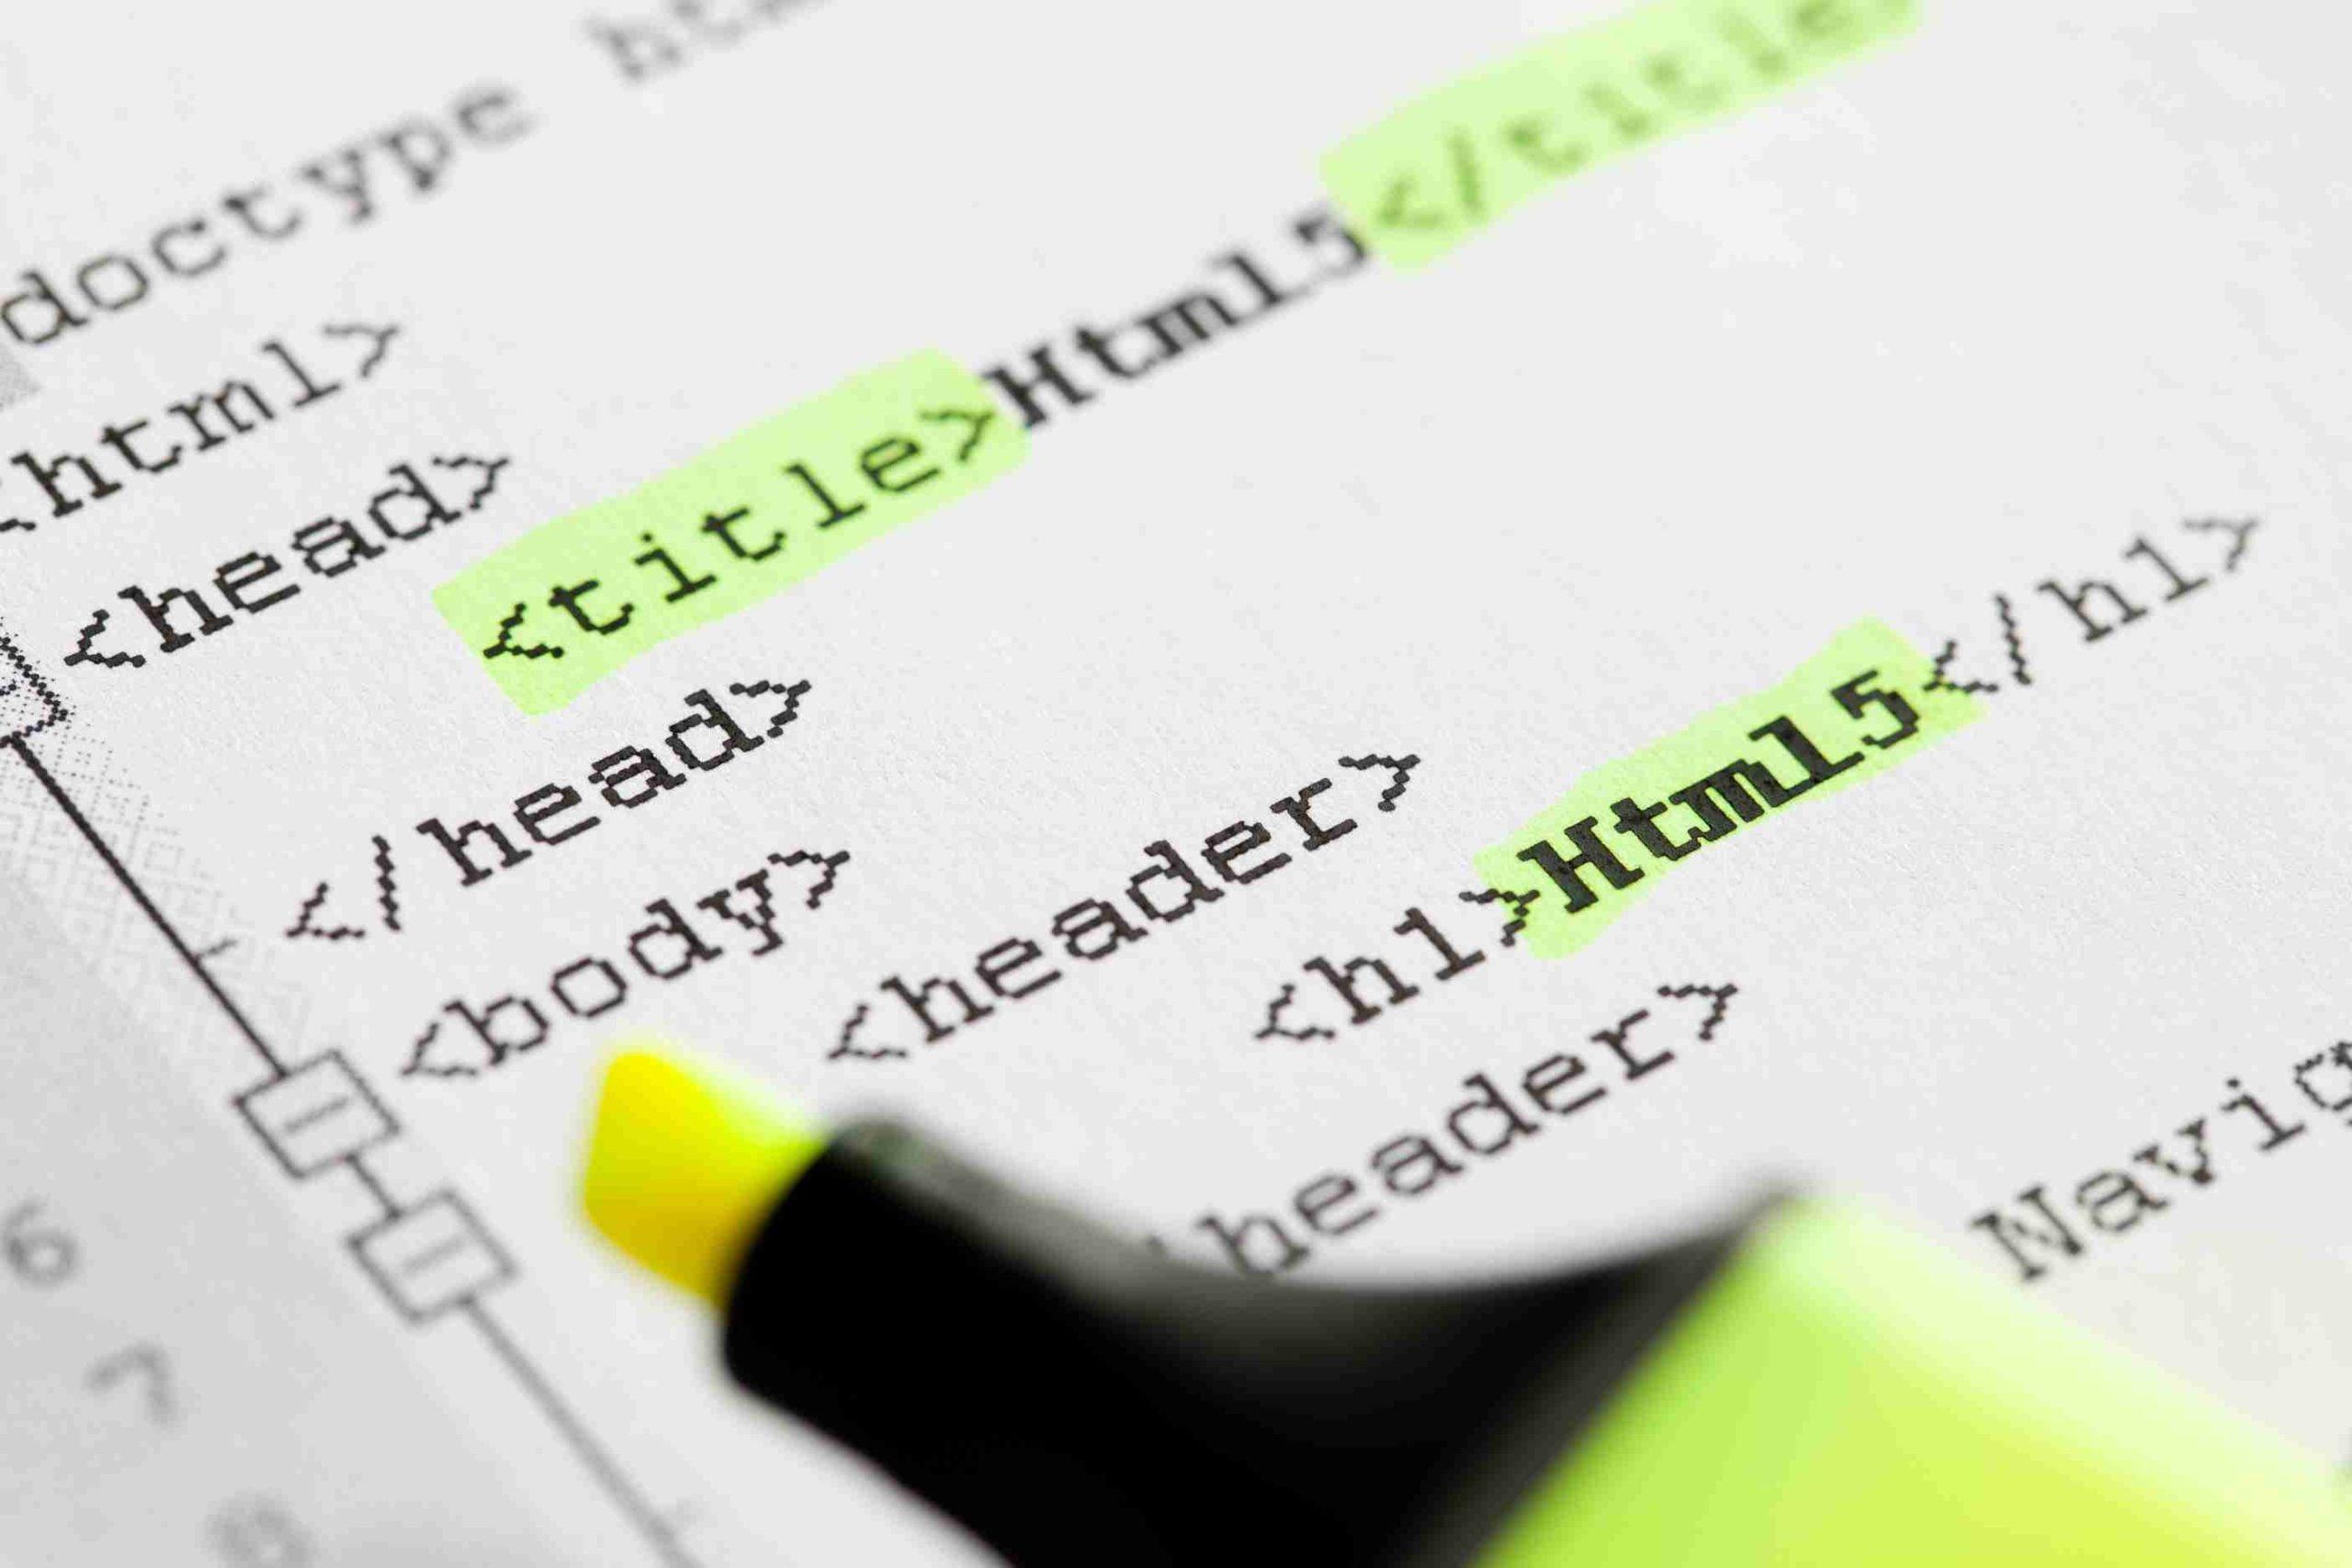 Мета теги для SEO – как правильно составить H1, Title и Description - Фото 1